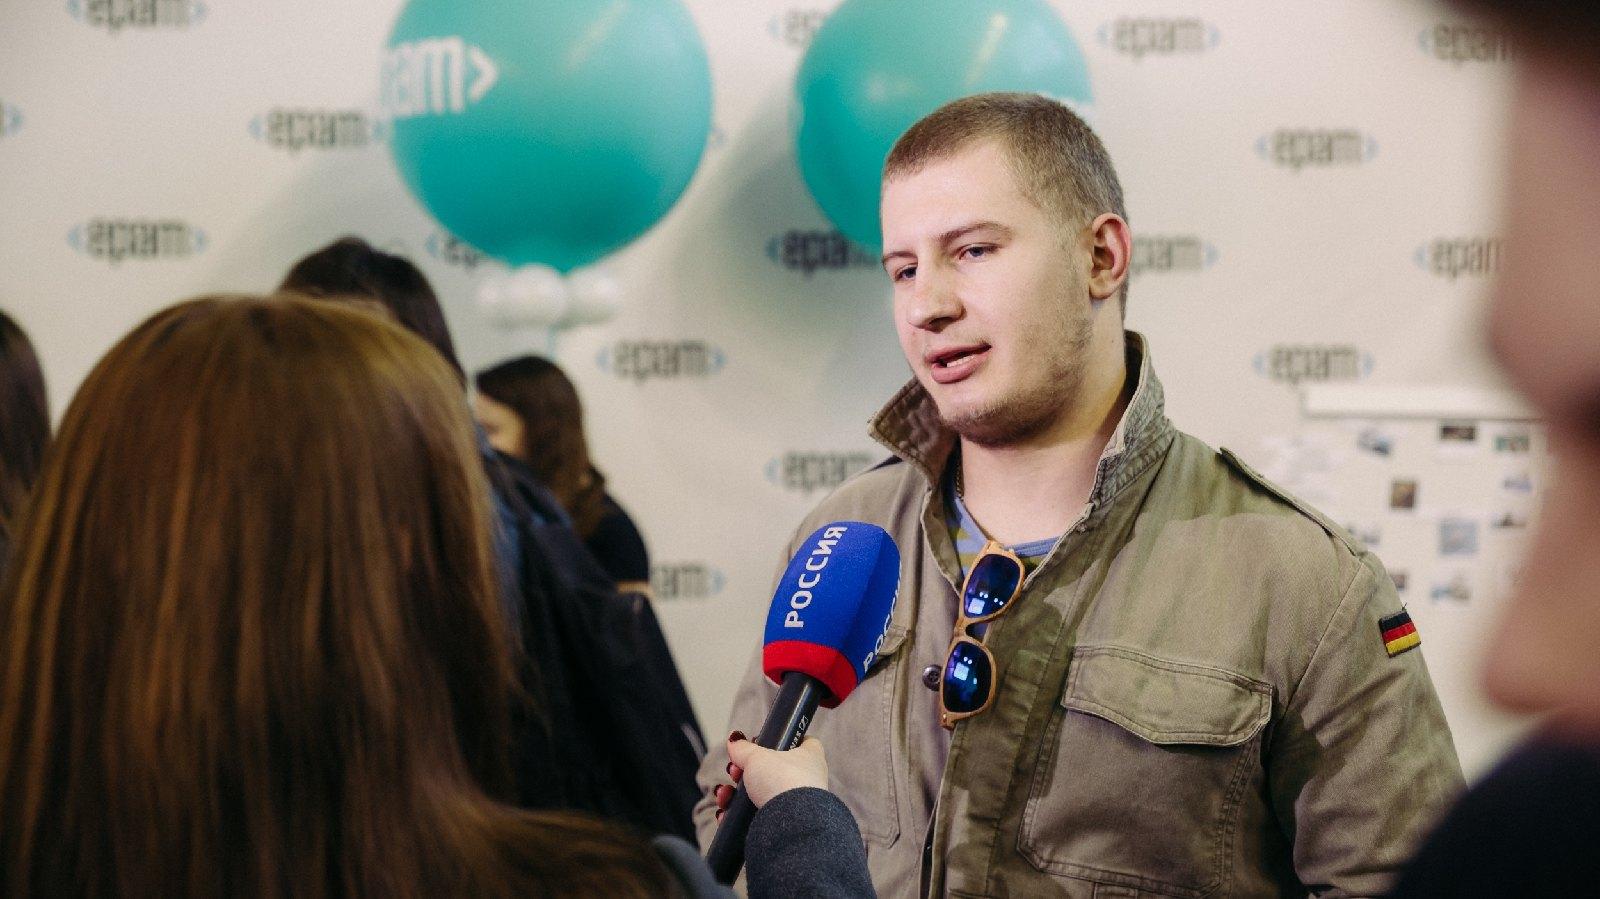 Иван Соловьев: В первую очередь необходимо изменить систему финансирования вузов